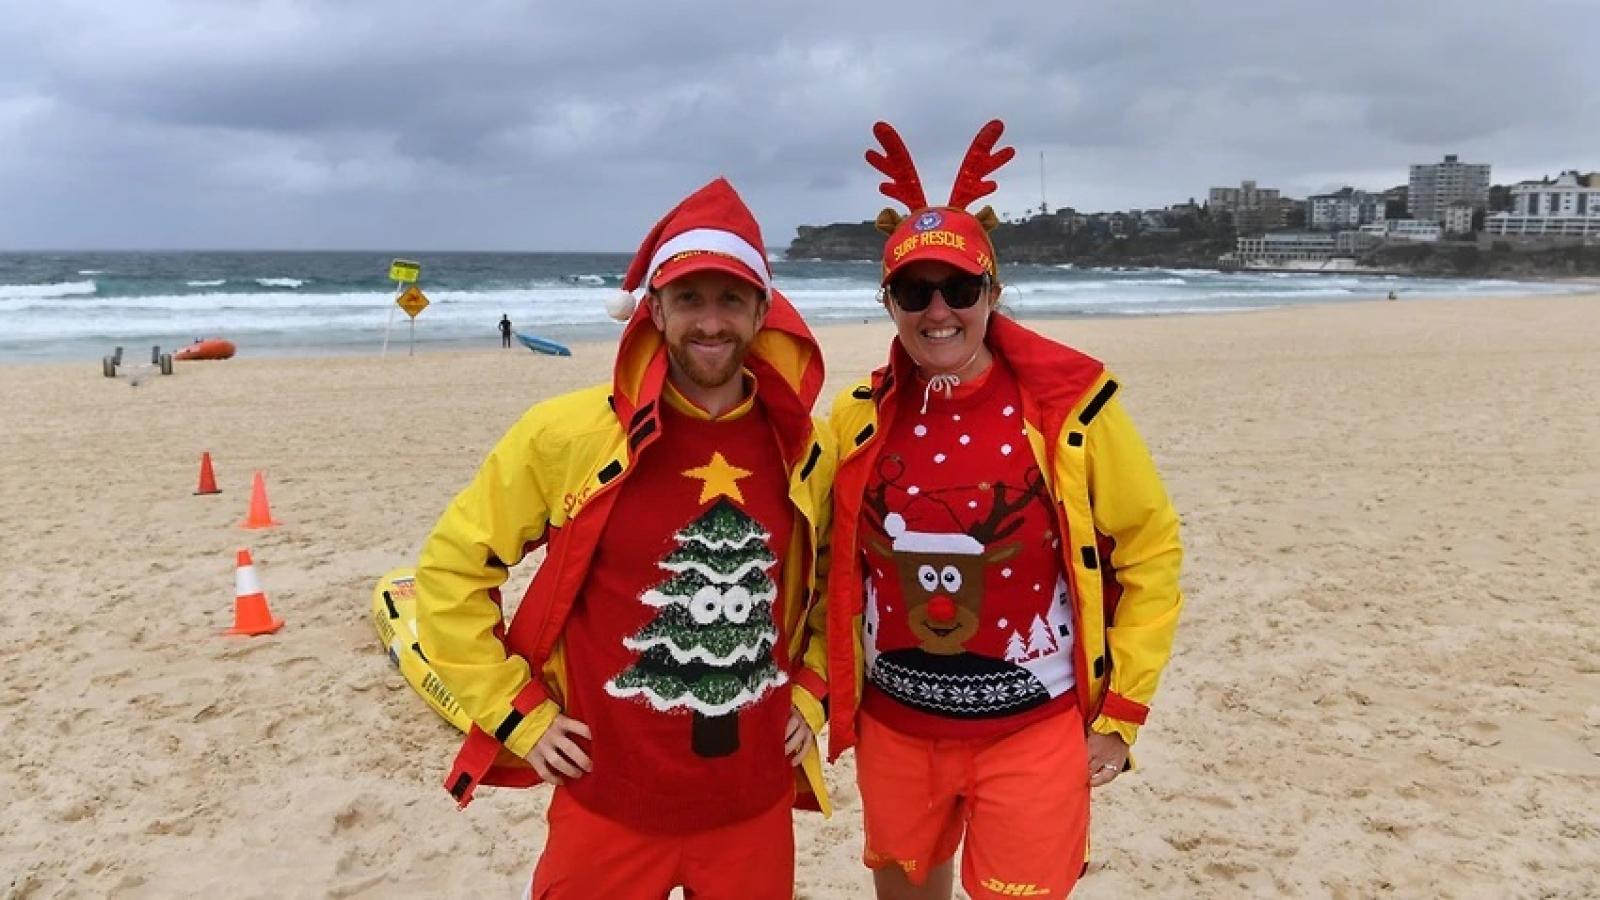 Sydney(Australia) đón Giáng sinh trong điều kiện khác thường